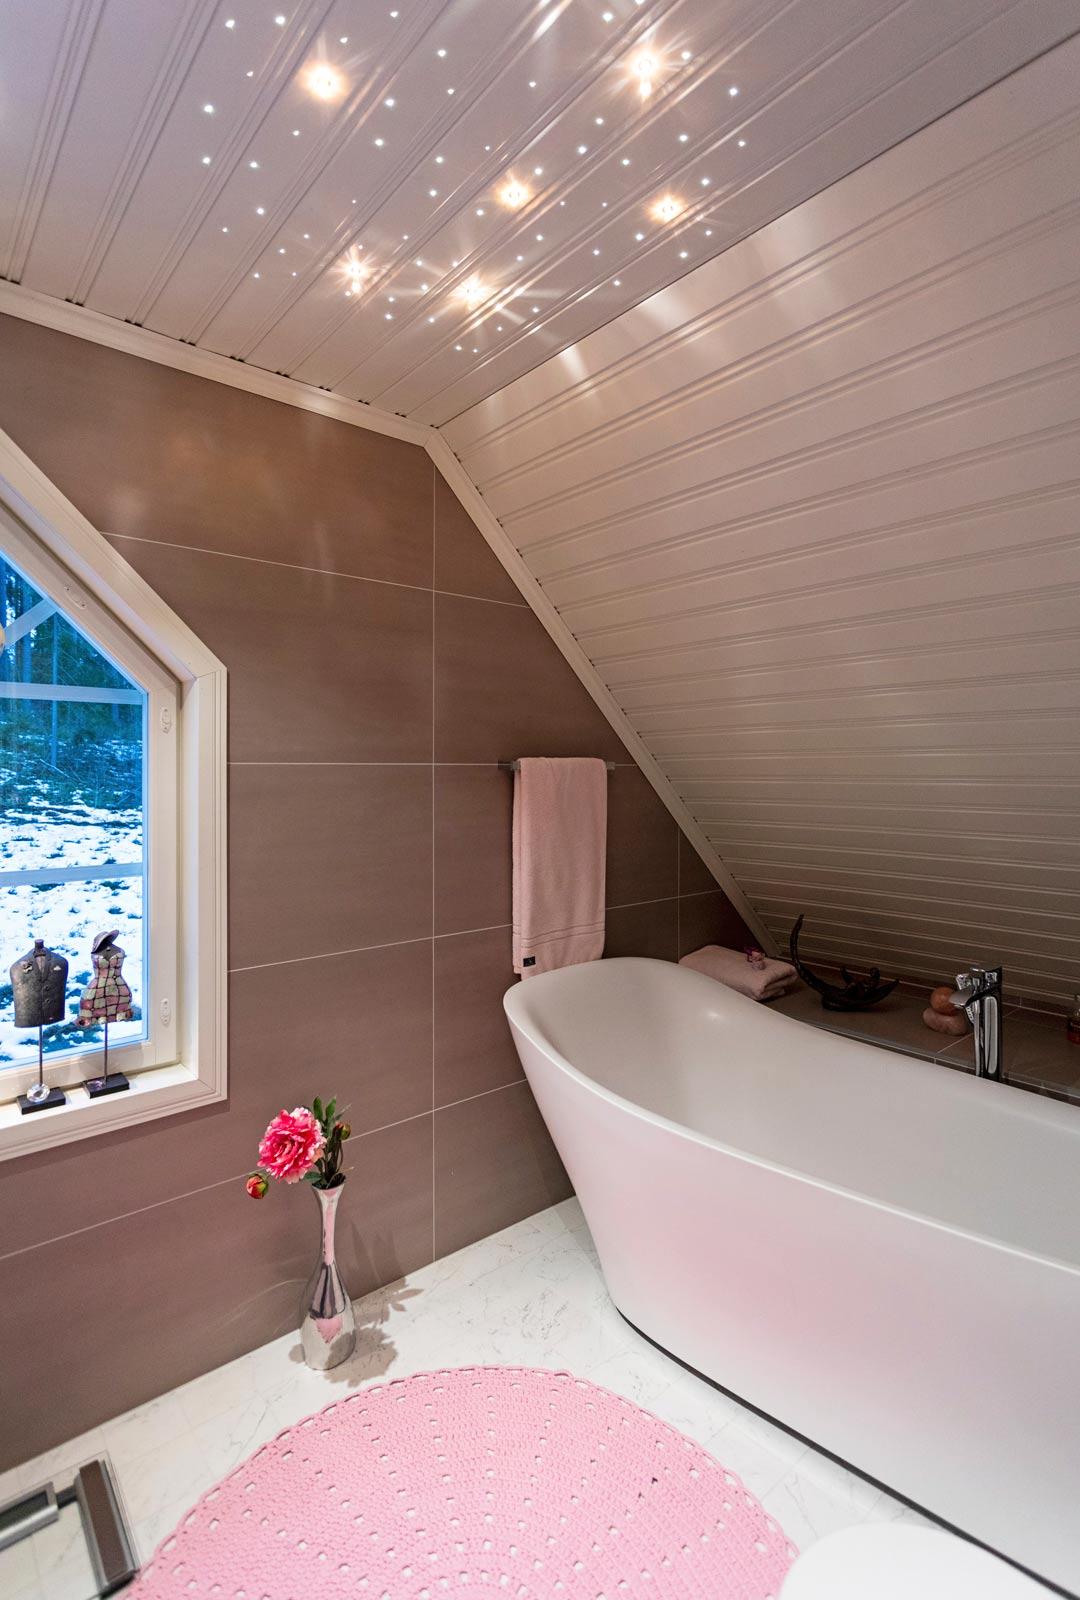 Kylpyhuoneessa voi ihailla tähtiä katossa.